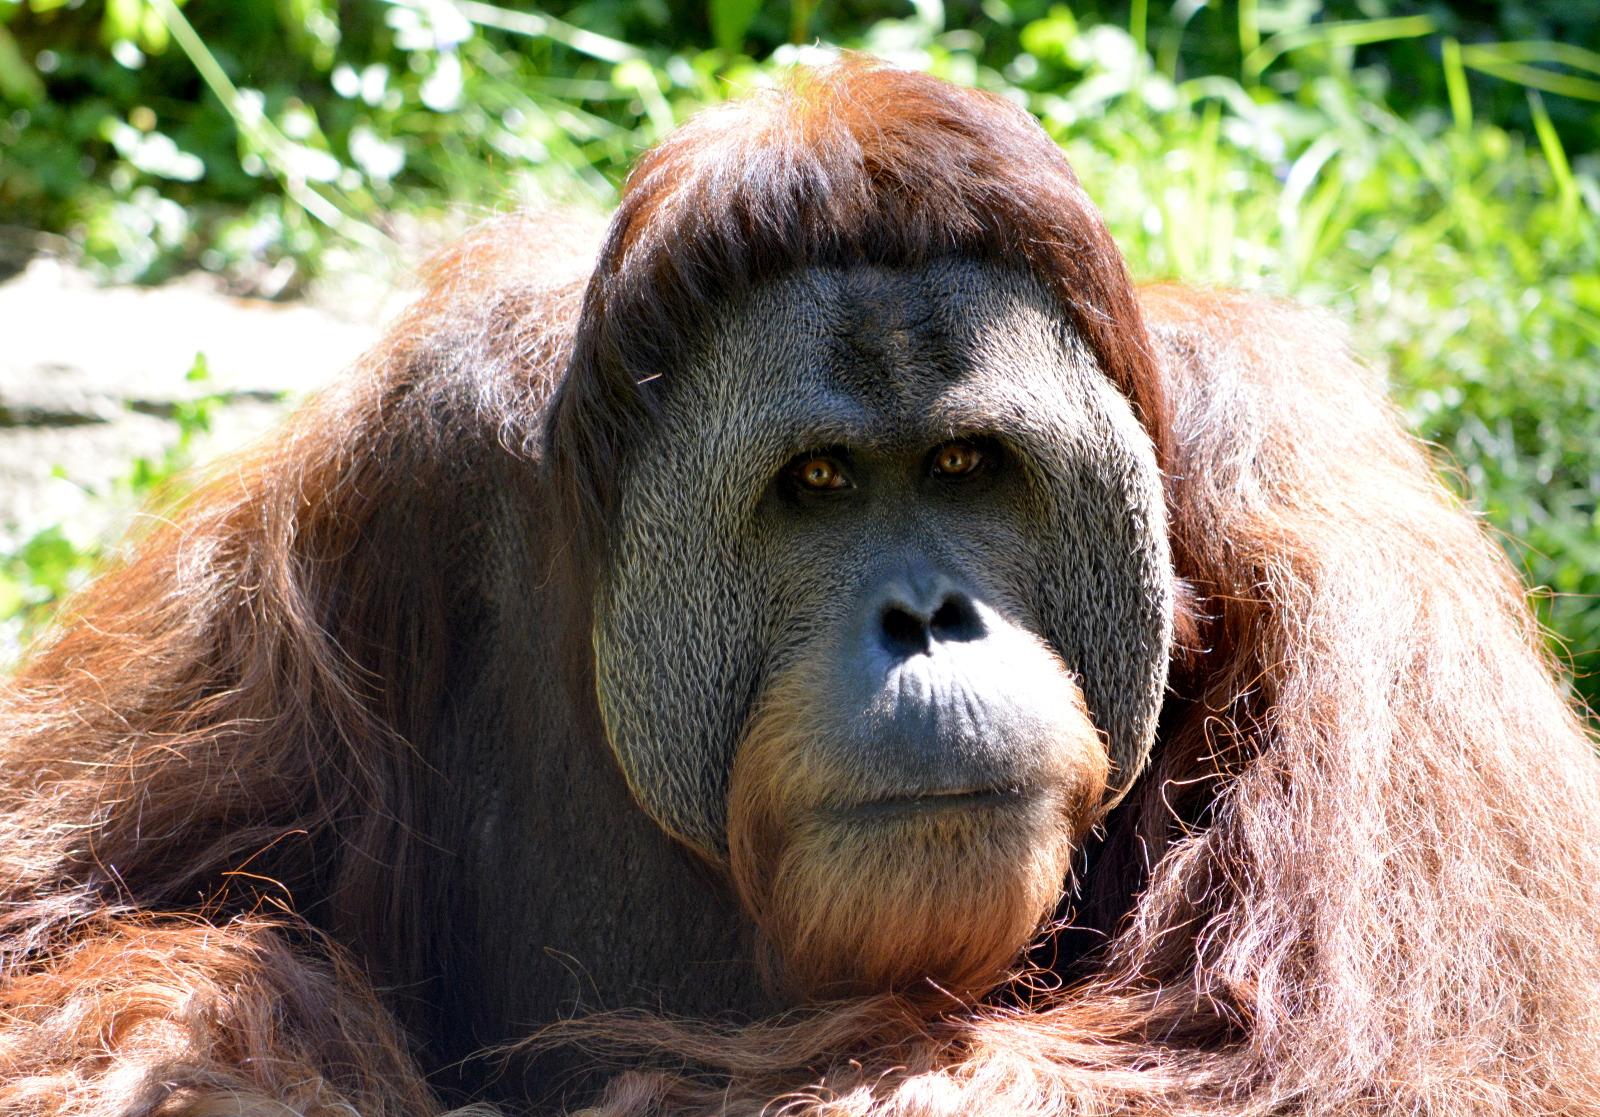 cozy birdhouse | orangutan